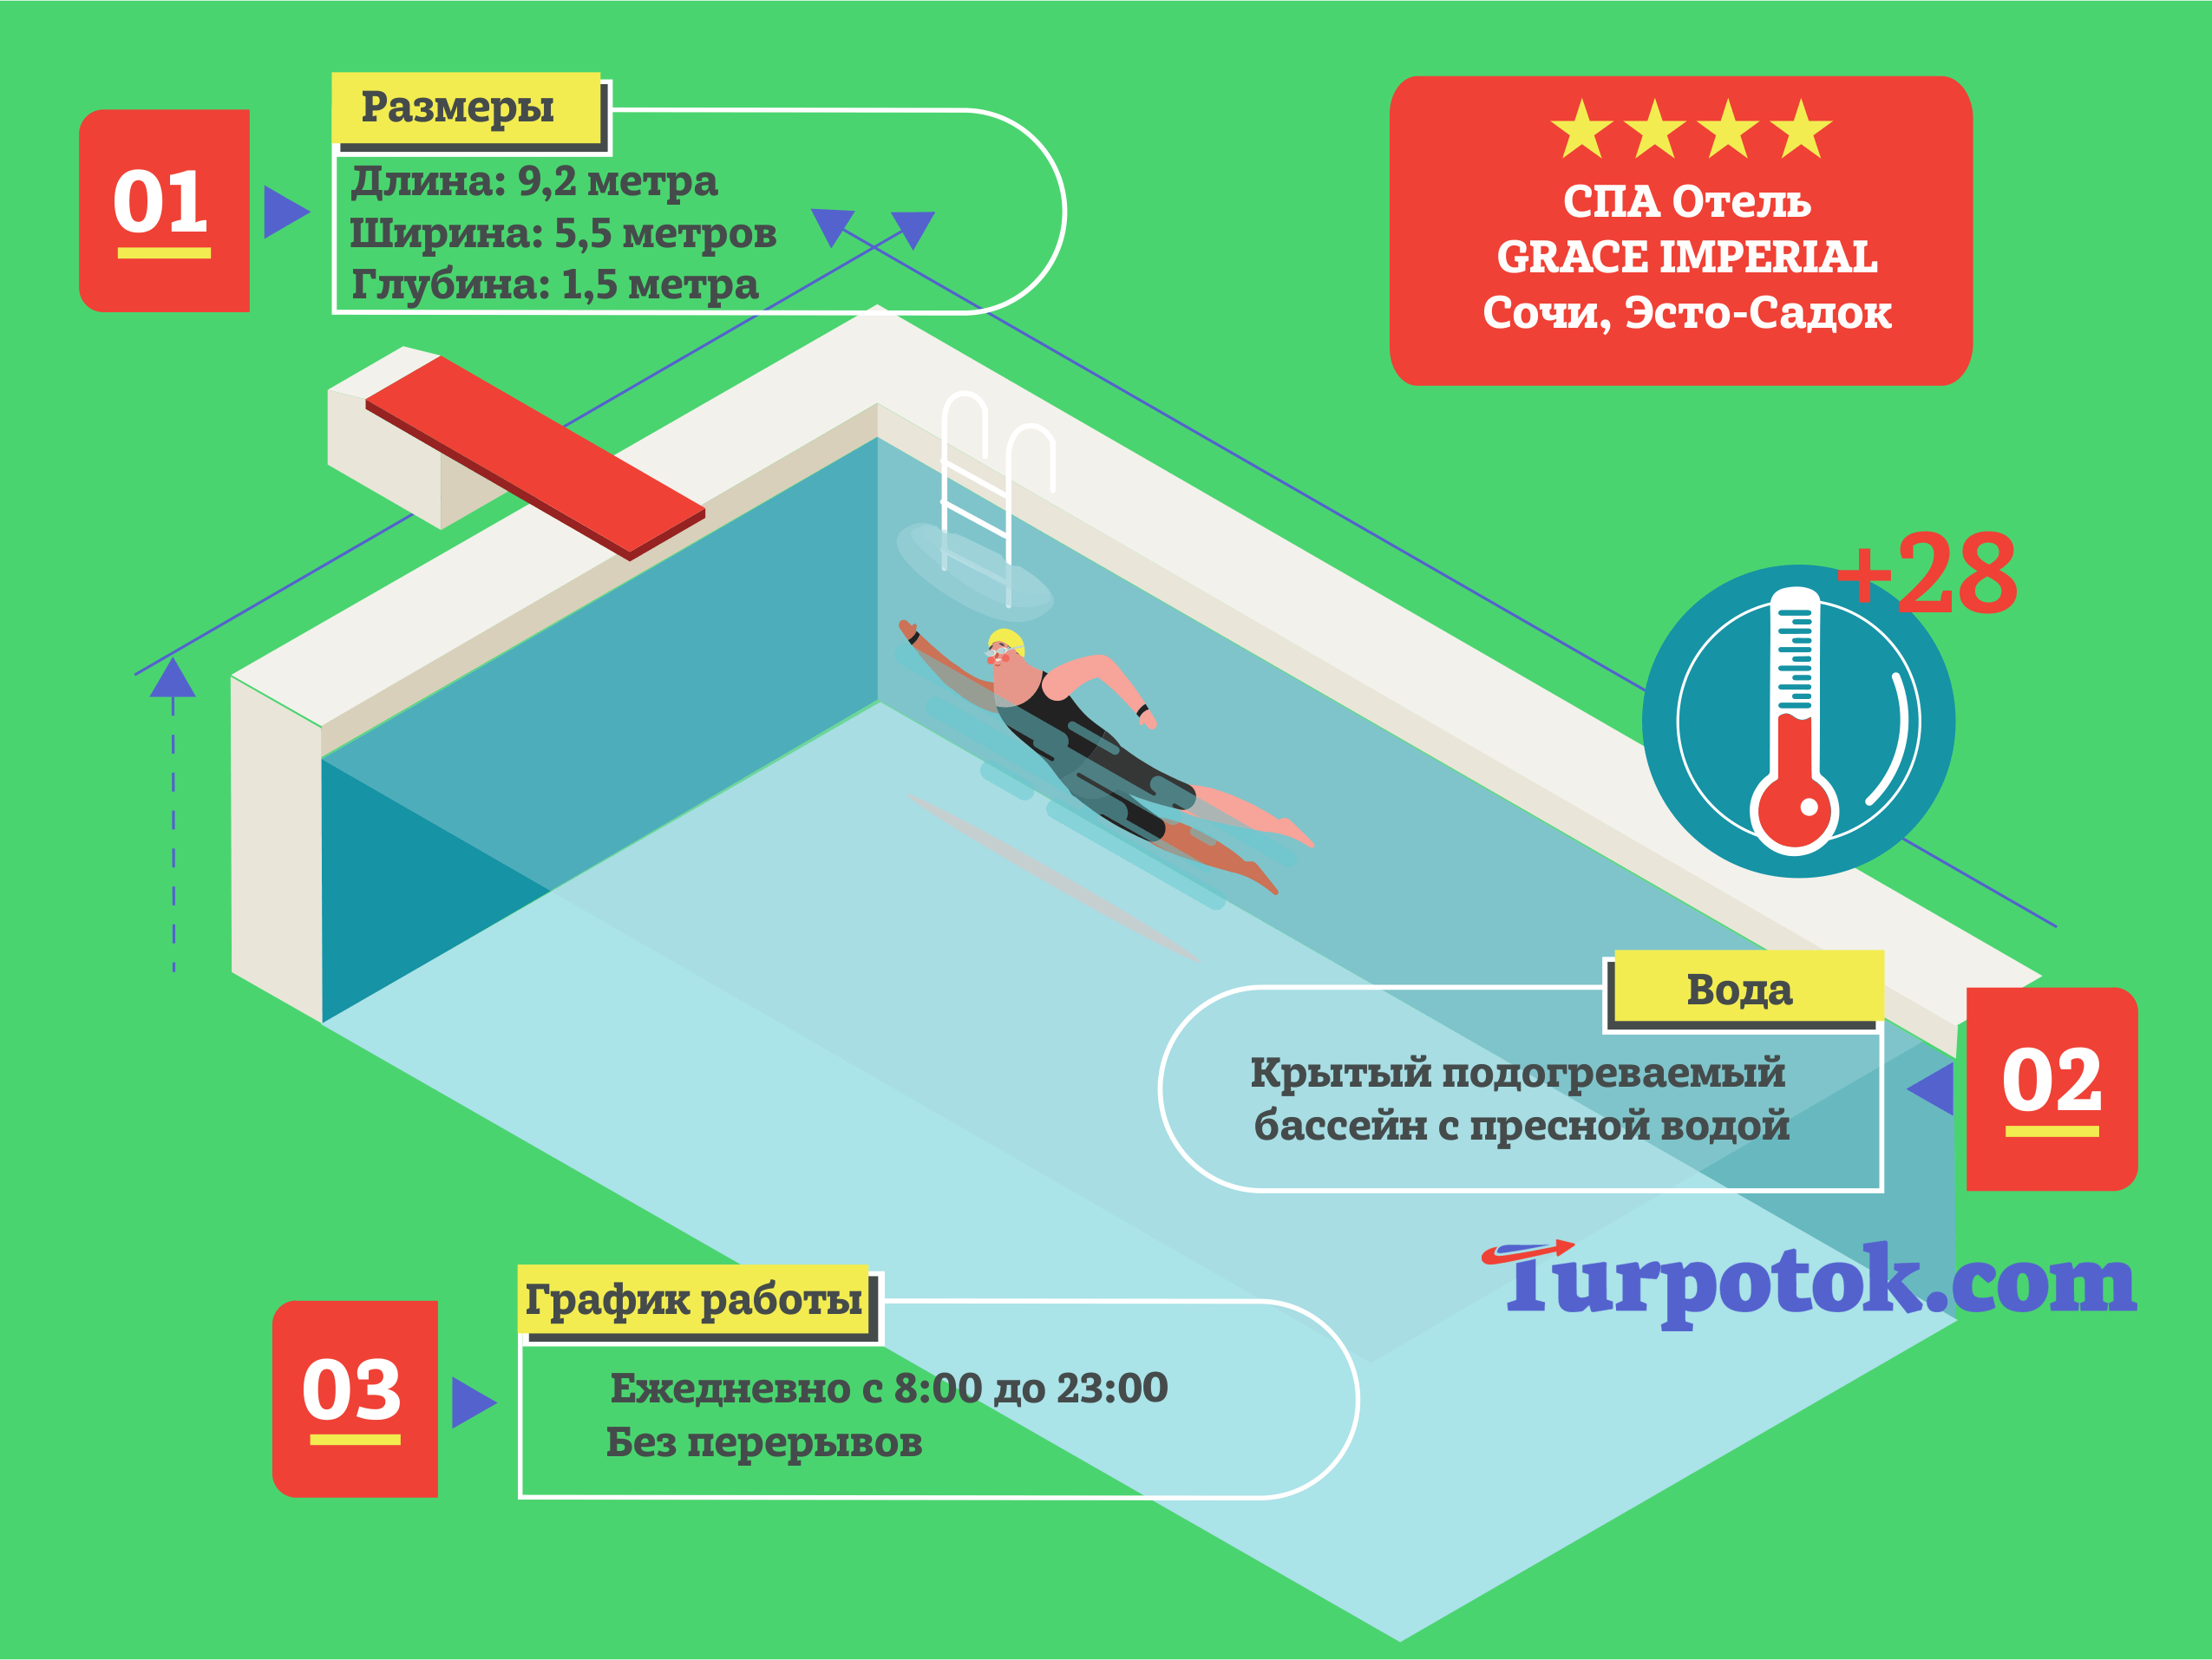 Размеры и график работы крытого бассейна в отеле Грейс Империал (Эсто-Садок)